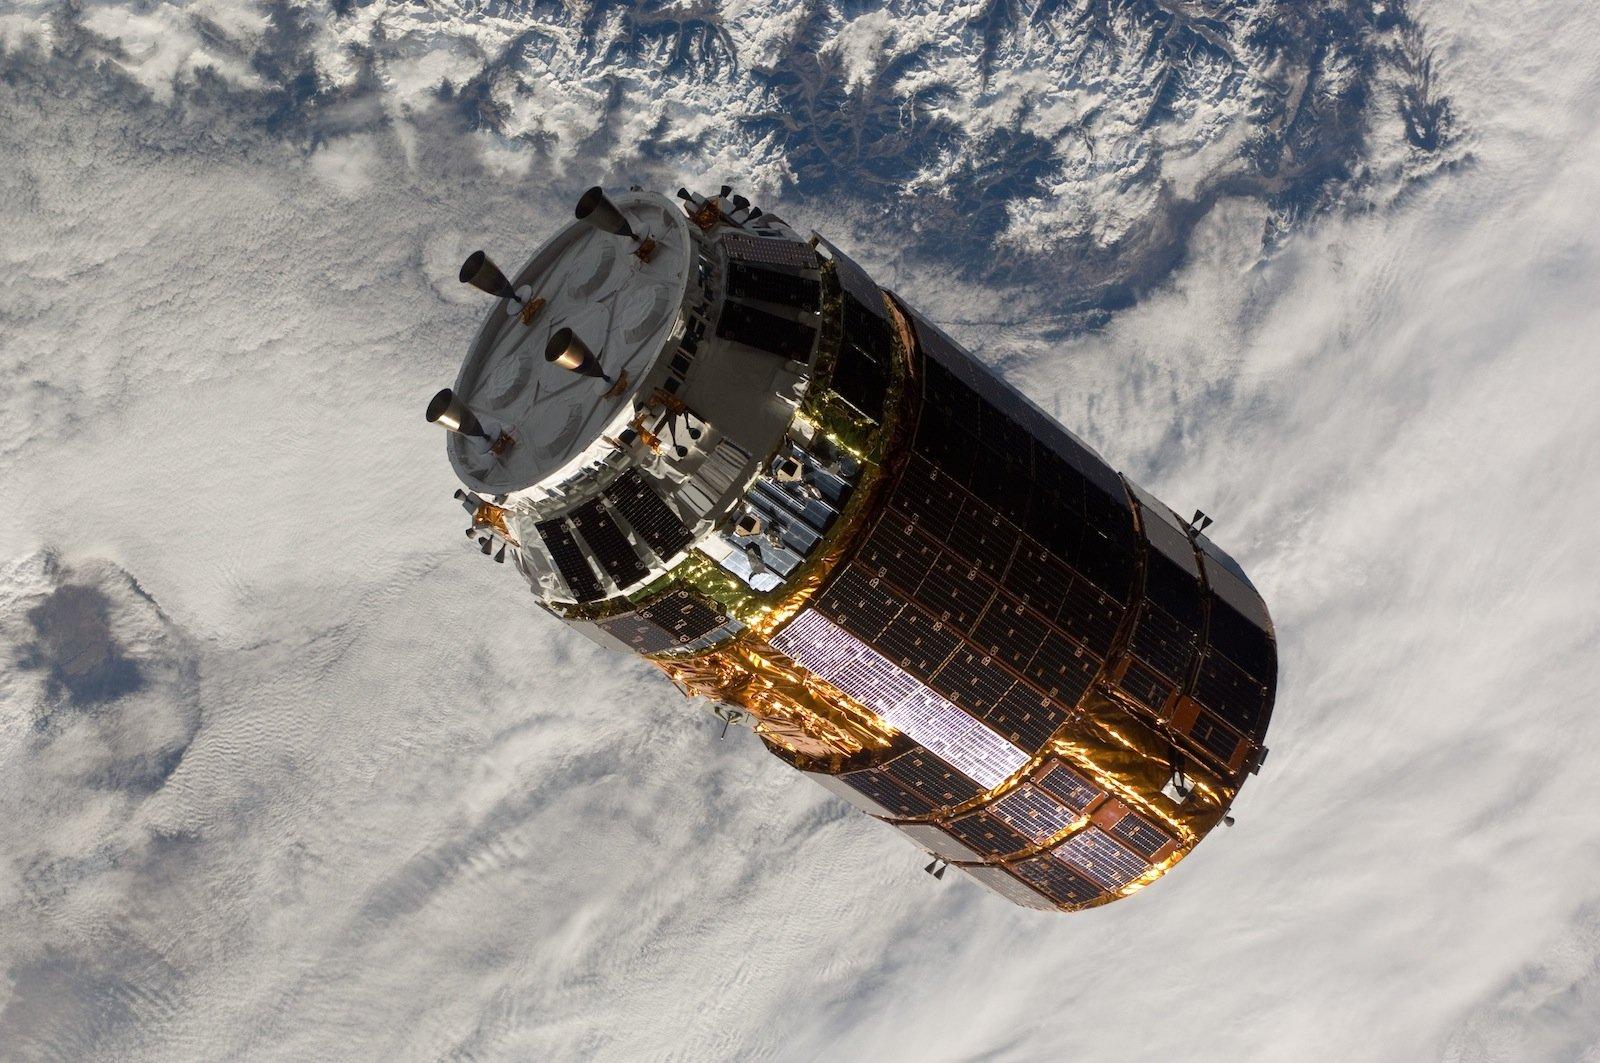 H-2 Transfer Vehicle im Weltraum: Die japanische Raumfahrtagentur Jaxa versorgt mit dem unbemannten Raumschiff das japanische Labor der ISS.